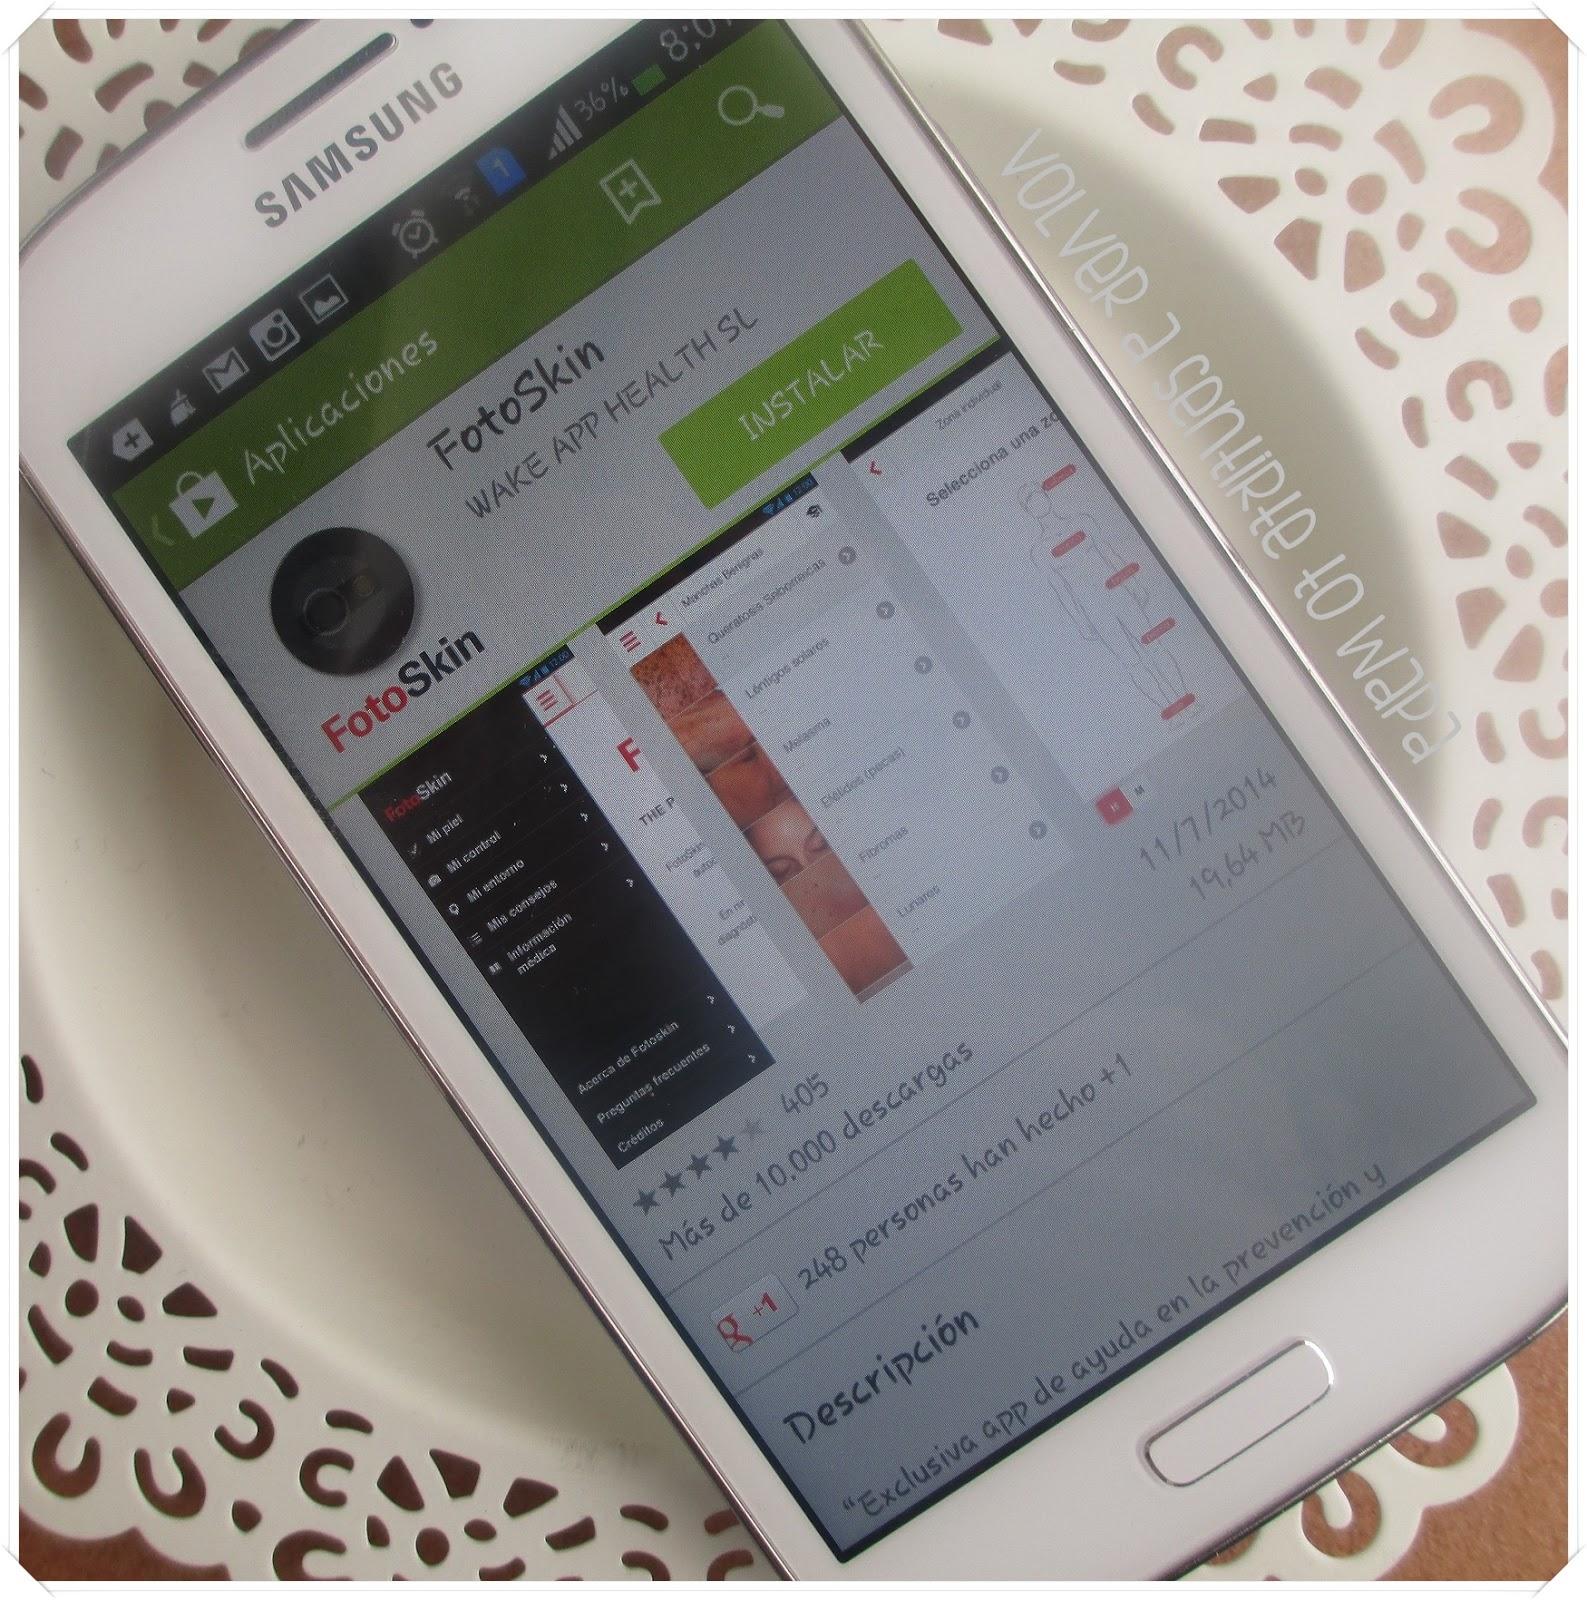 Fotoskin - app para la prevención y diagnóstico de cáncer de piel